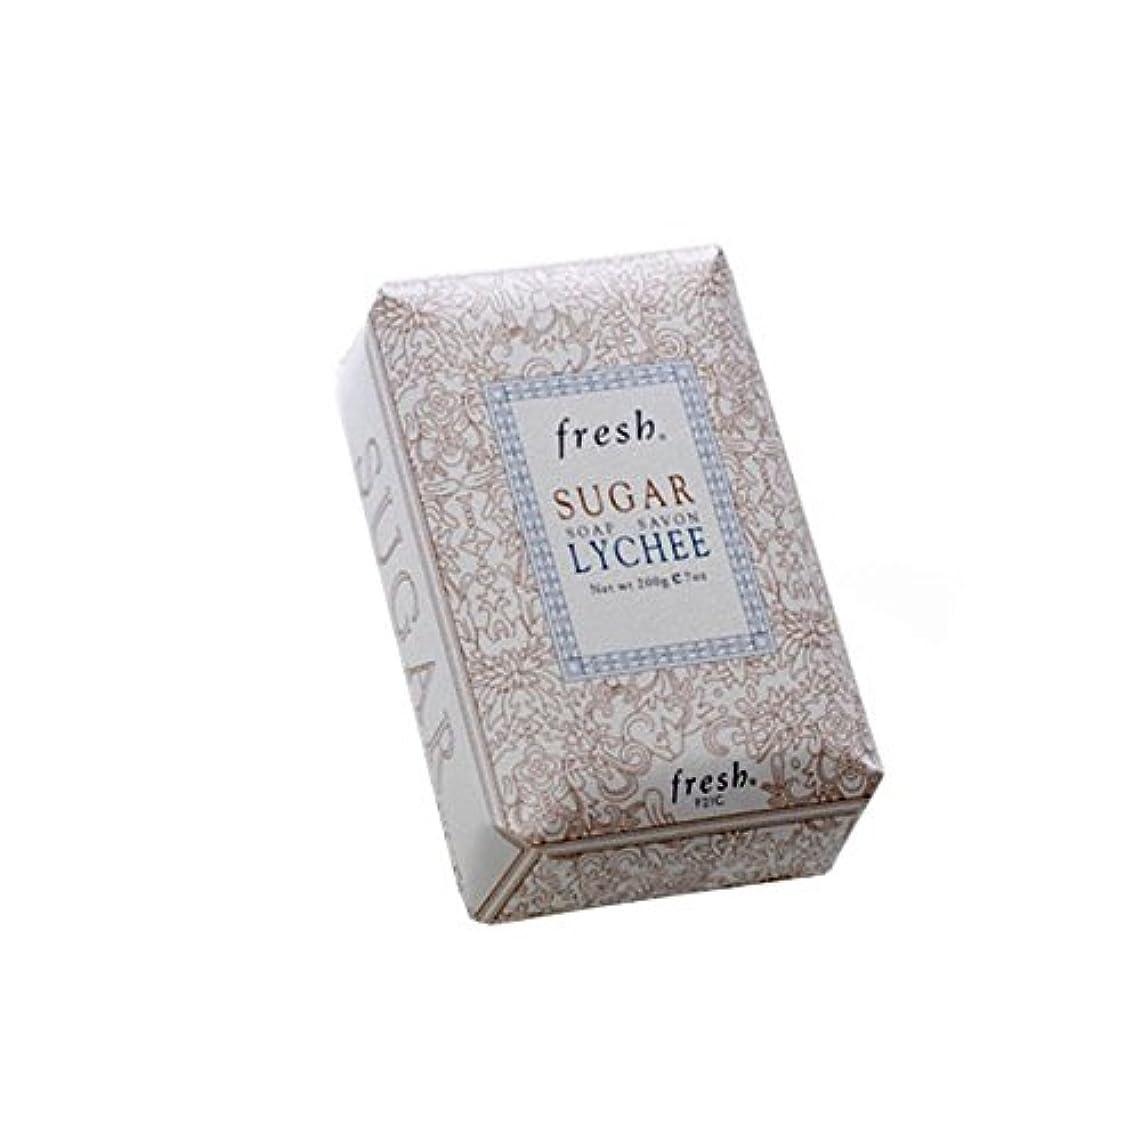 ブロンズ十分ぬいぐるみFresh フレッシュ シュガーライチ石鹸 Sugar Lychee Soap, 200g/7oz [海外直送品] [並行輸入品]